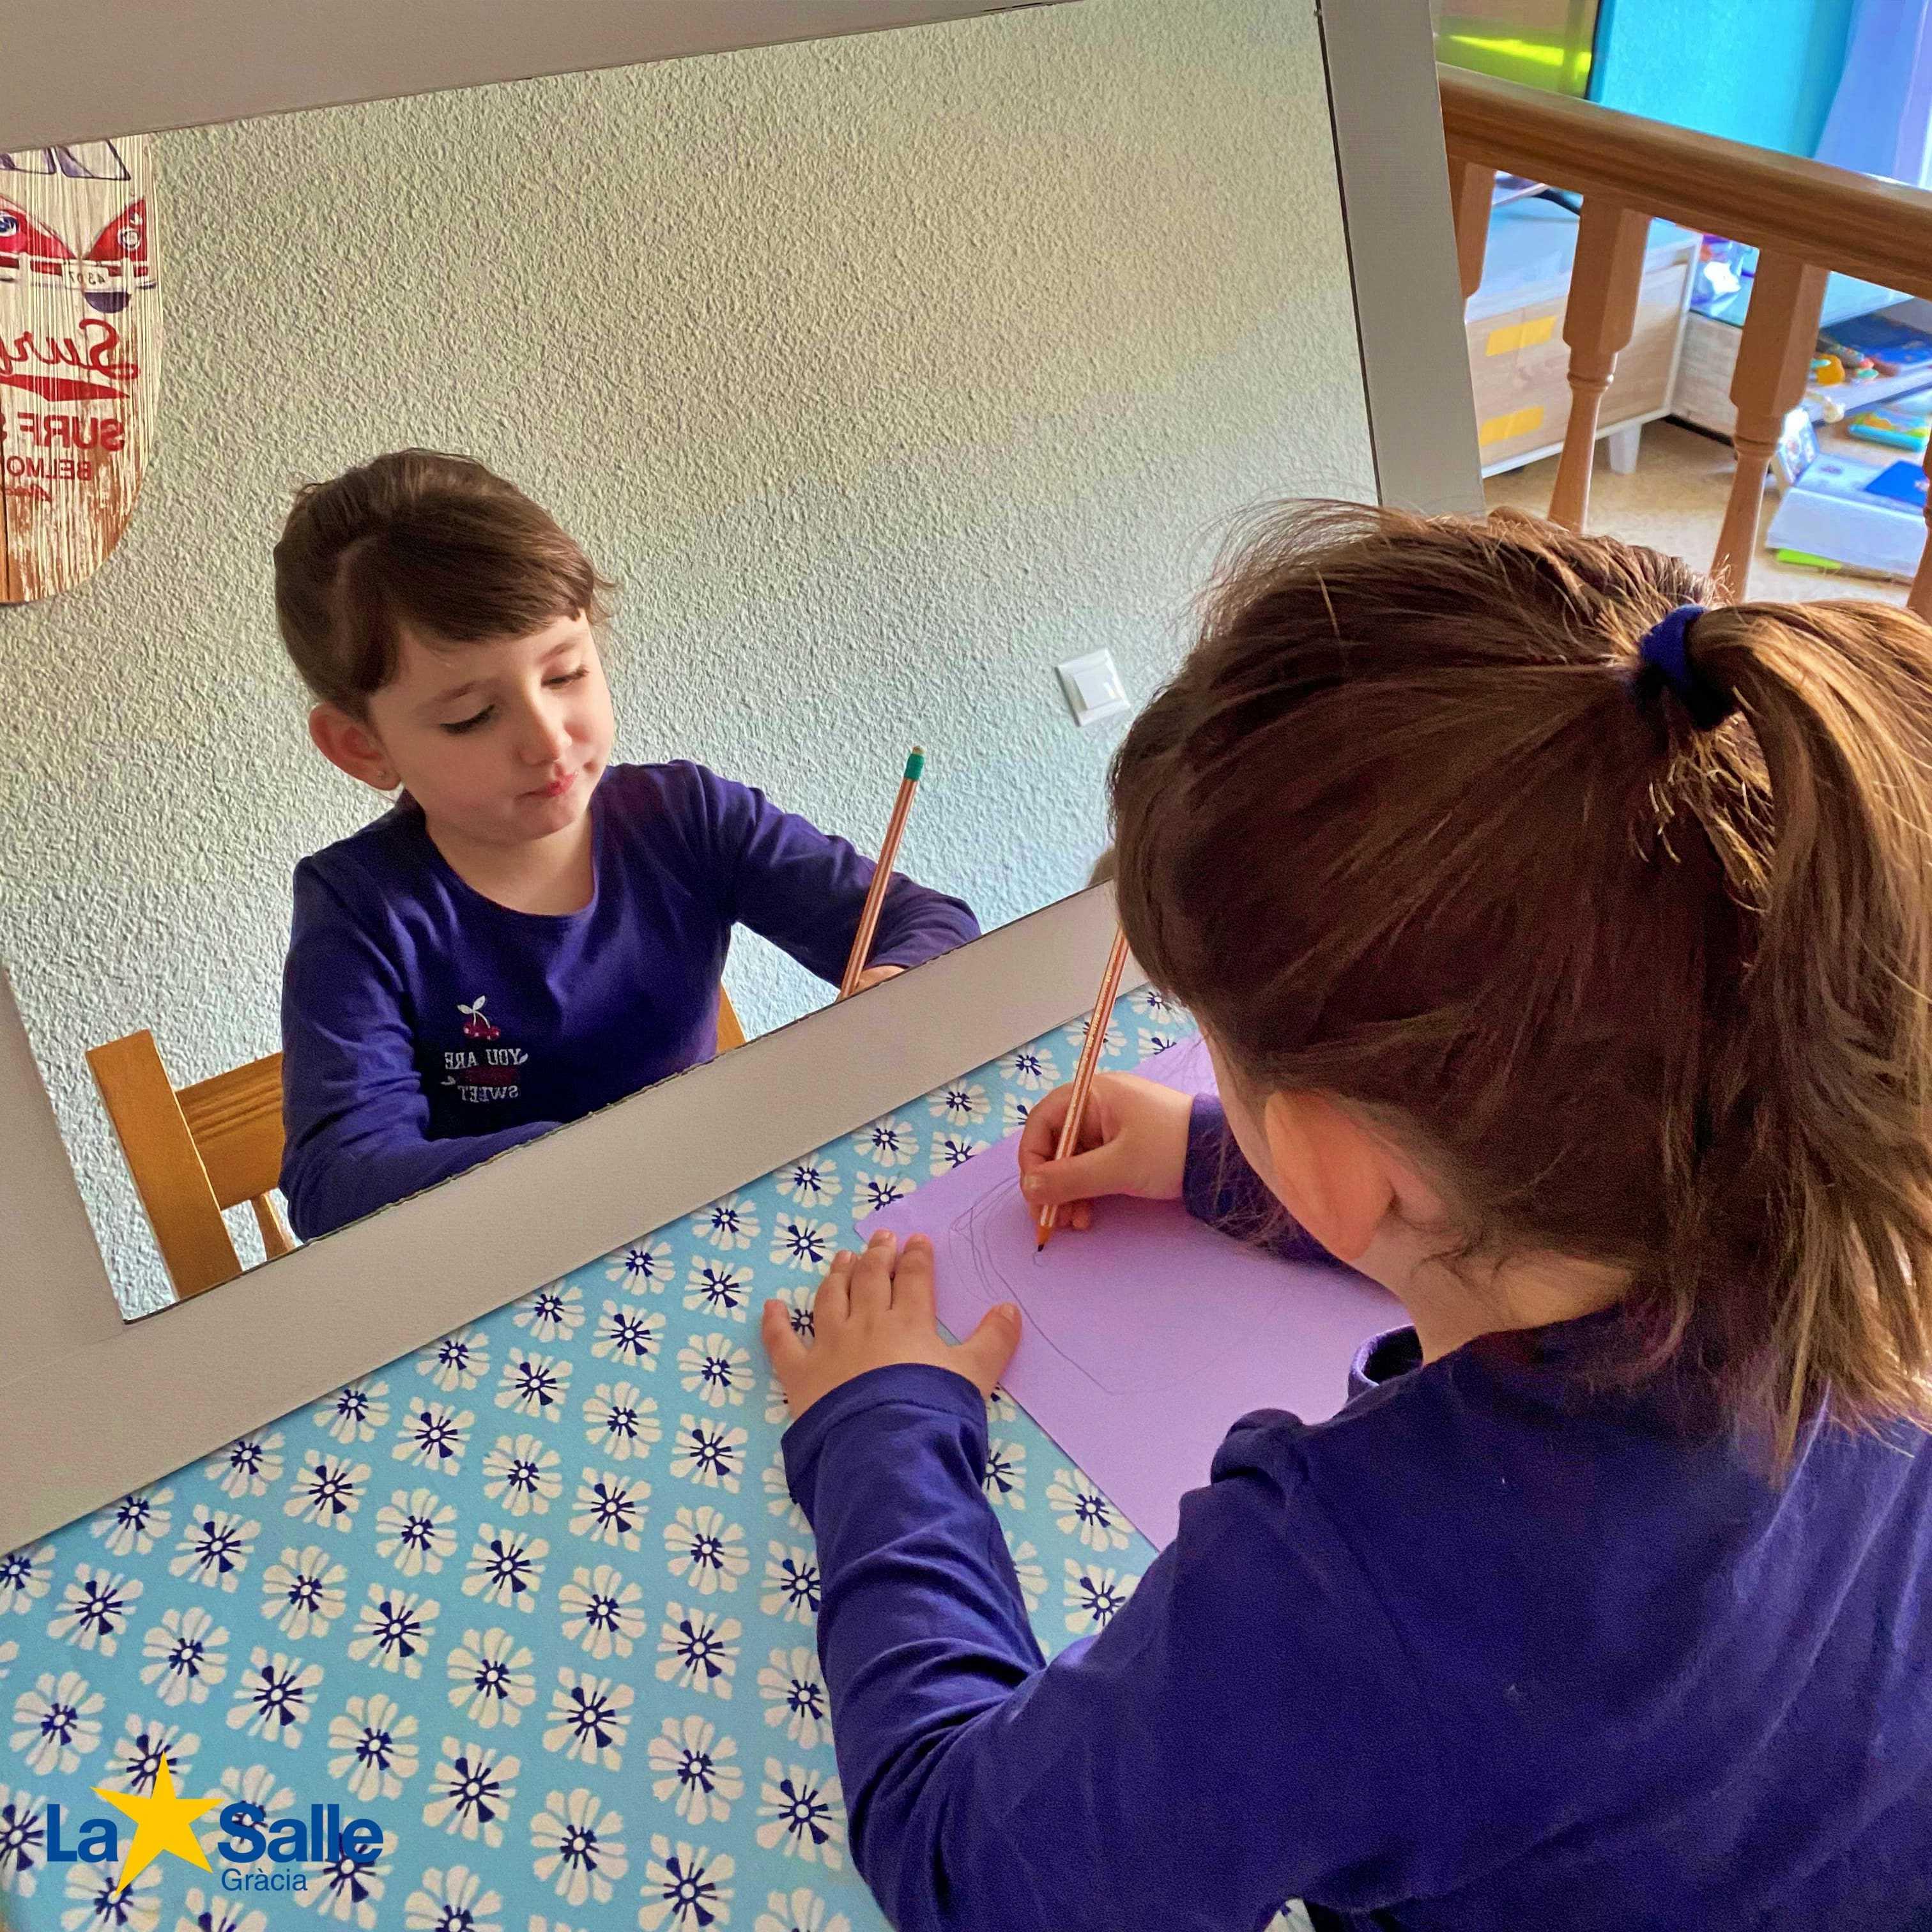 Activitats en família per a treballar l'autoconeixement